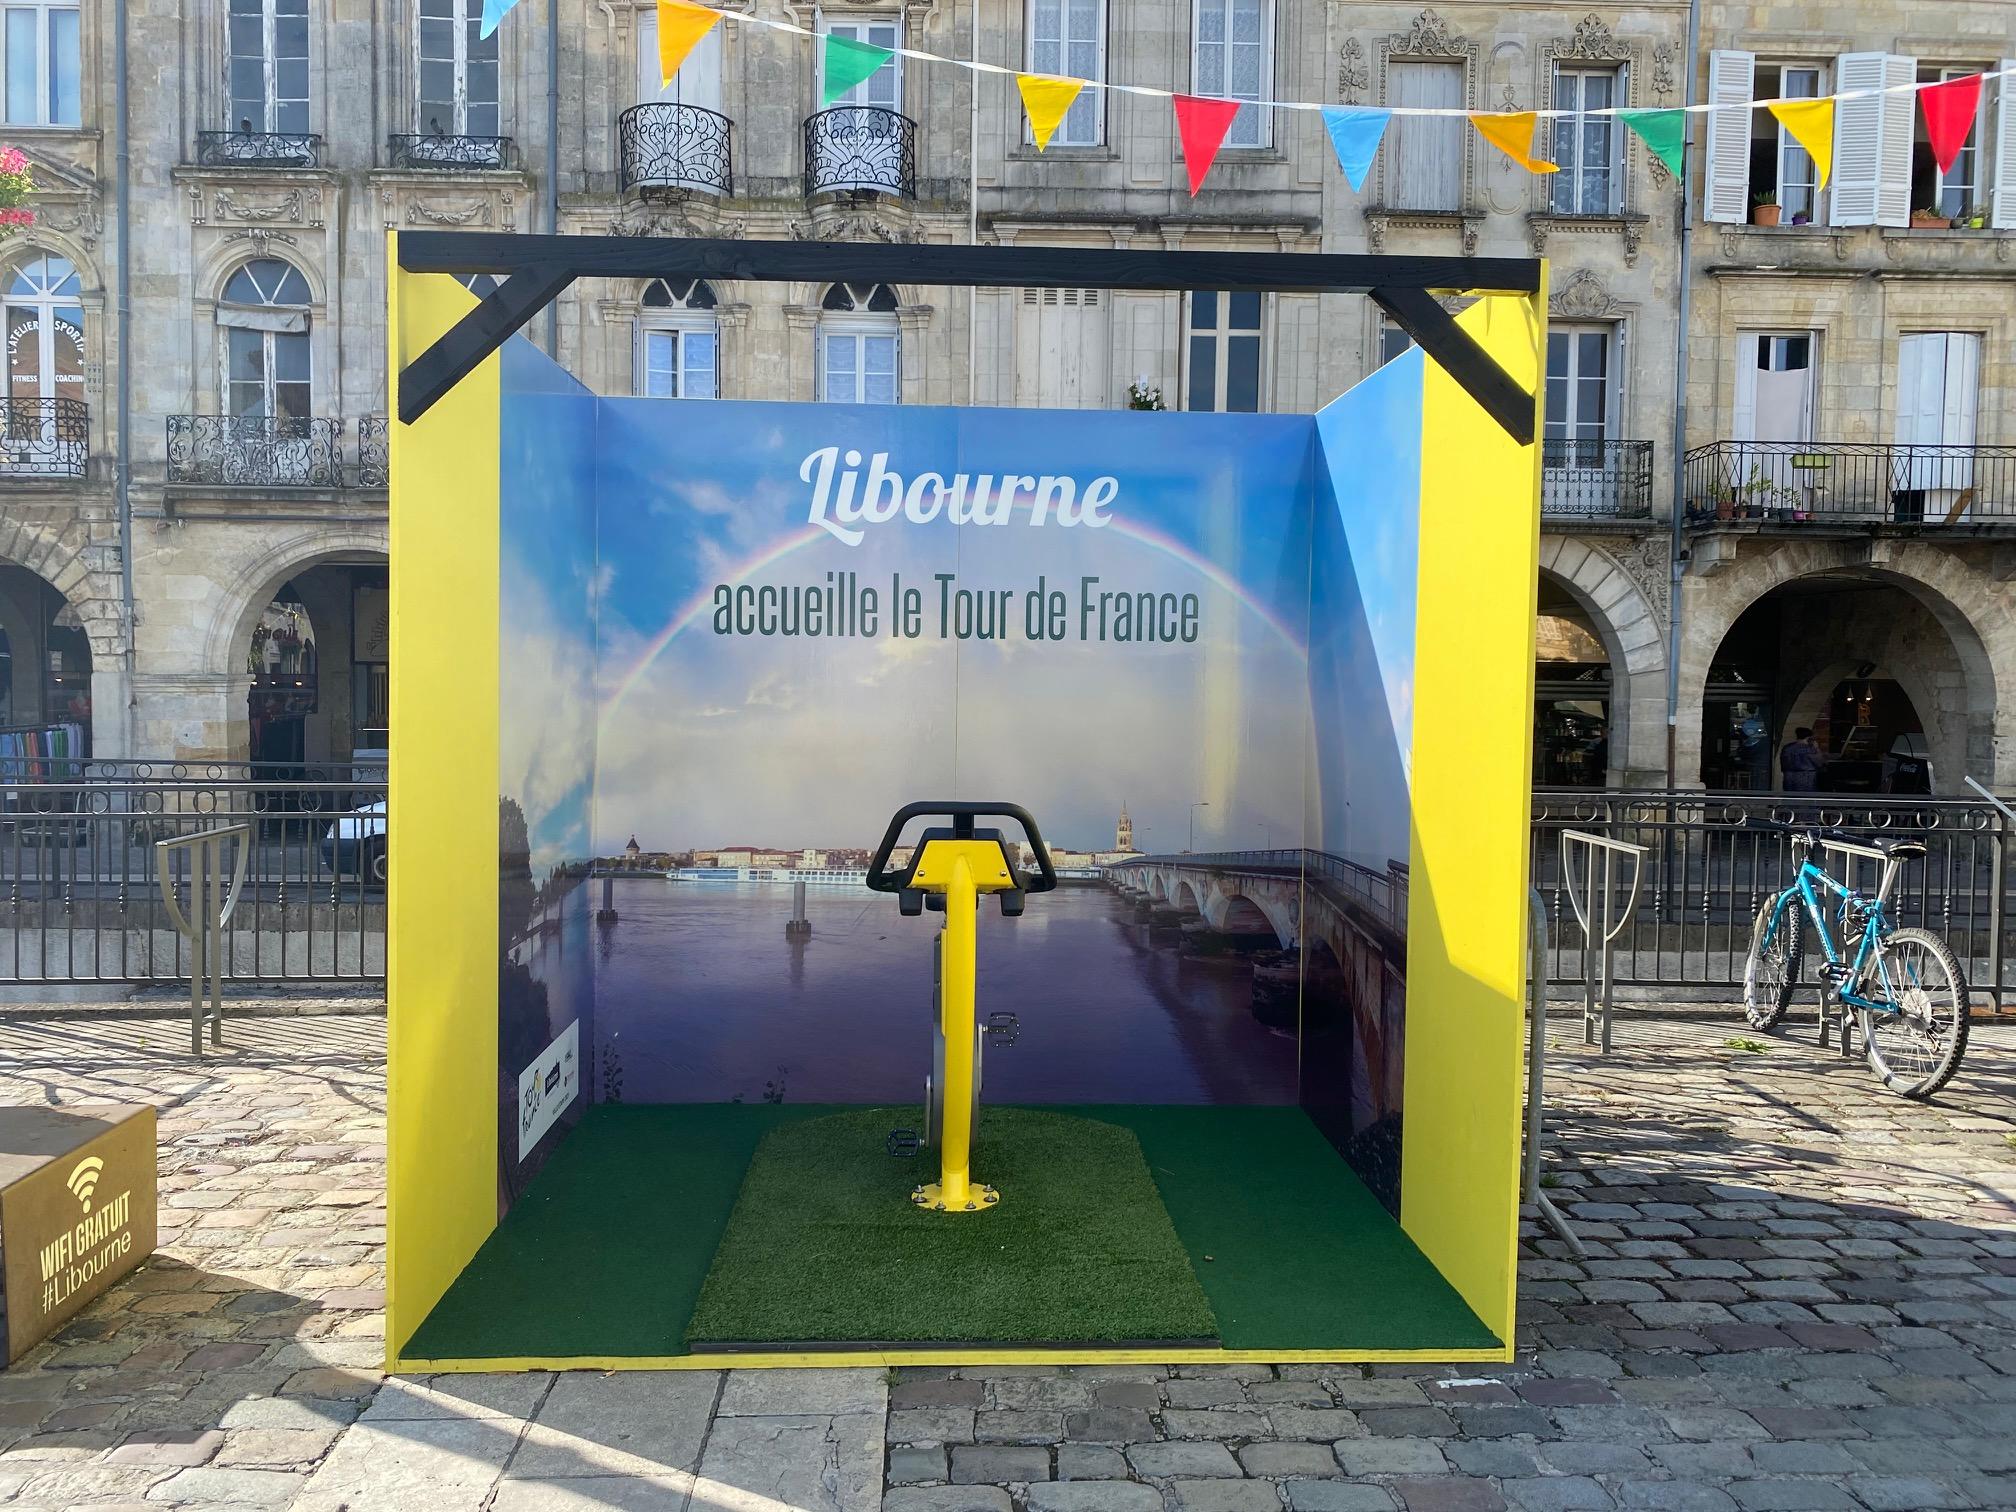 Libourne à l'heure du Tour de France 2021